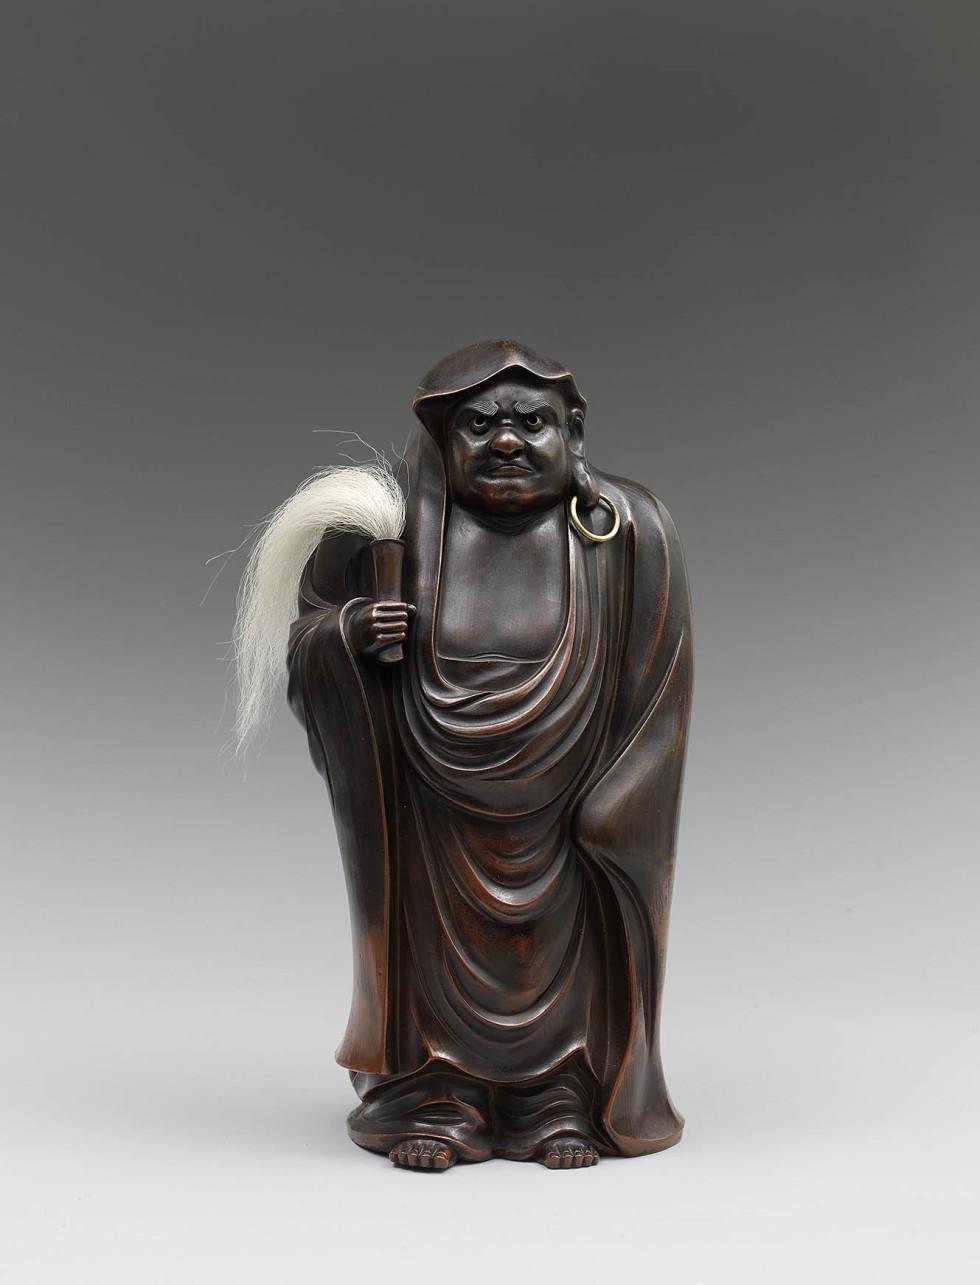 A Bizen pottery sculpture